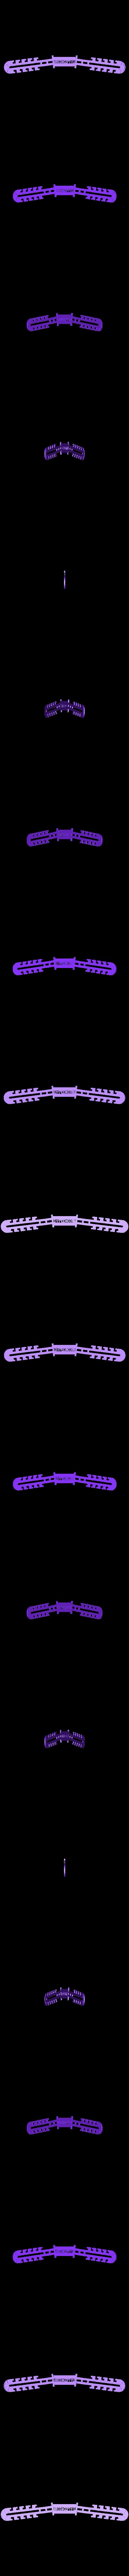 Salvaorejas 005 mrconcept112.stl Télécharger fichier STL gratuit Protecteur d'oreilles | proège-oreilles | ear-protector| MK05 -GLOBALDESIGN by Mrconcept112 • Design pour imprimante 3D, mrconcept112